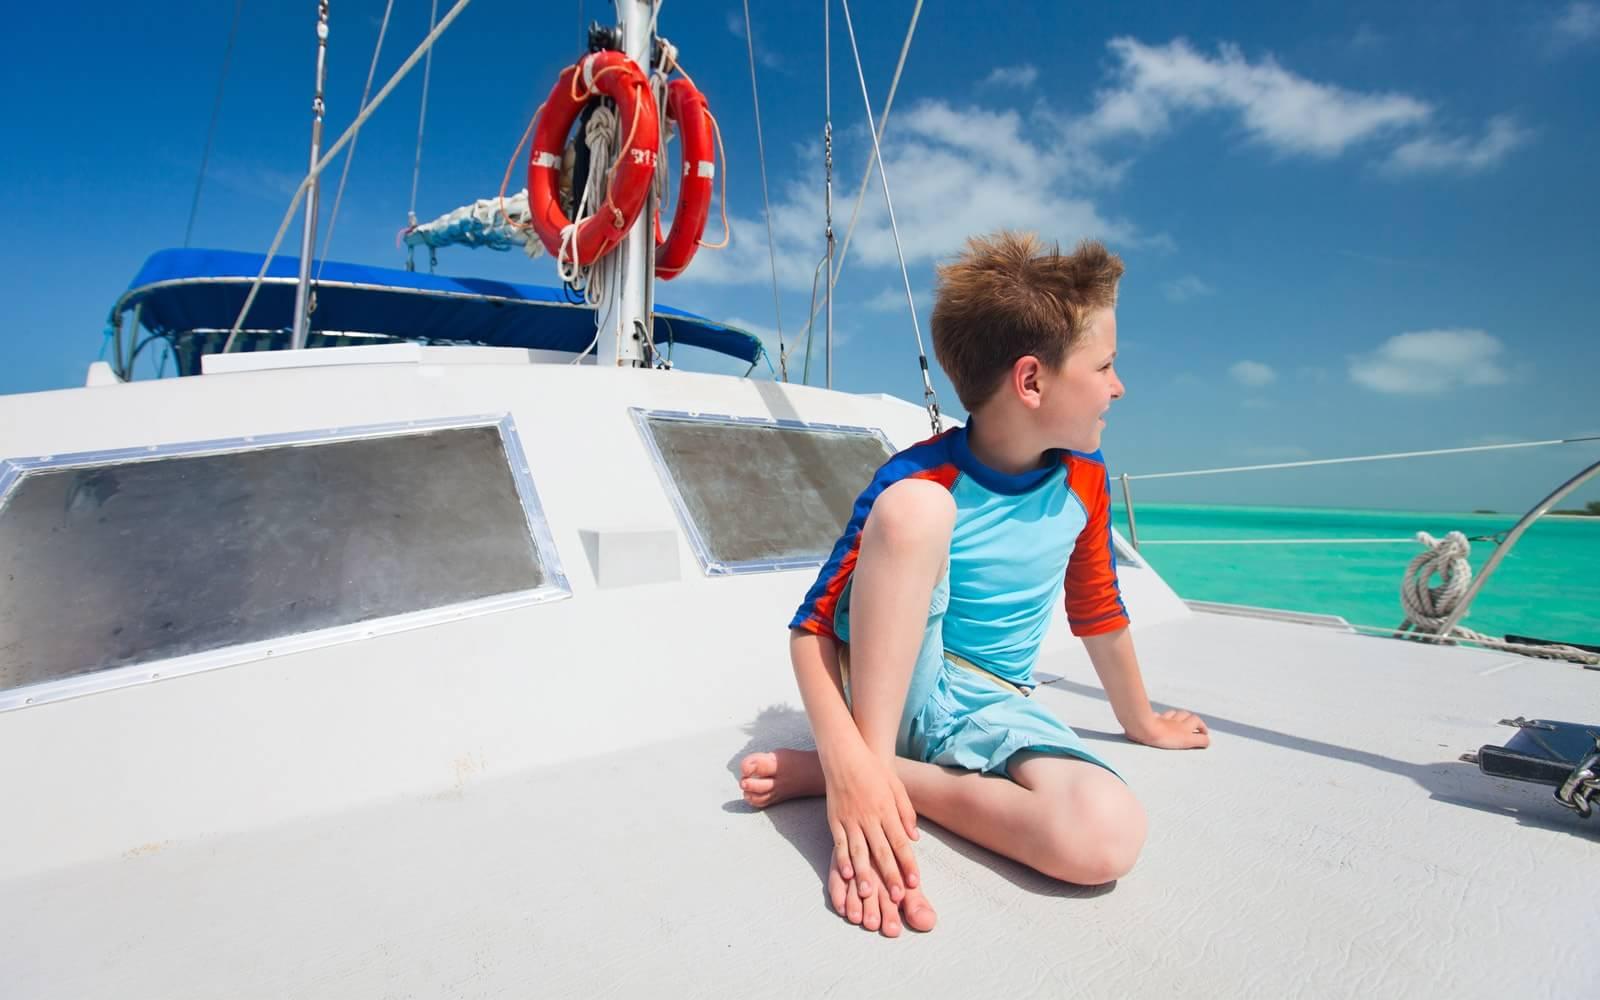 Czartery Jachtów i Rejsy Morskie Last Minute Jachtem na Morzu ¦ródziemnym TUI | Geo-Sail